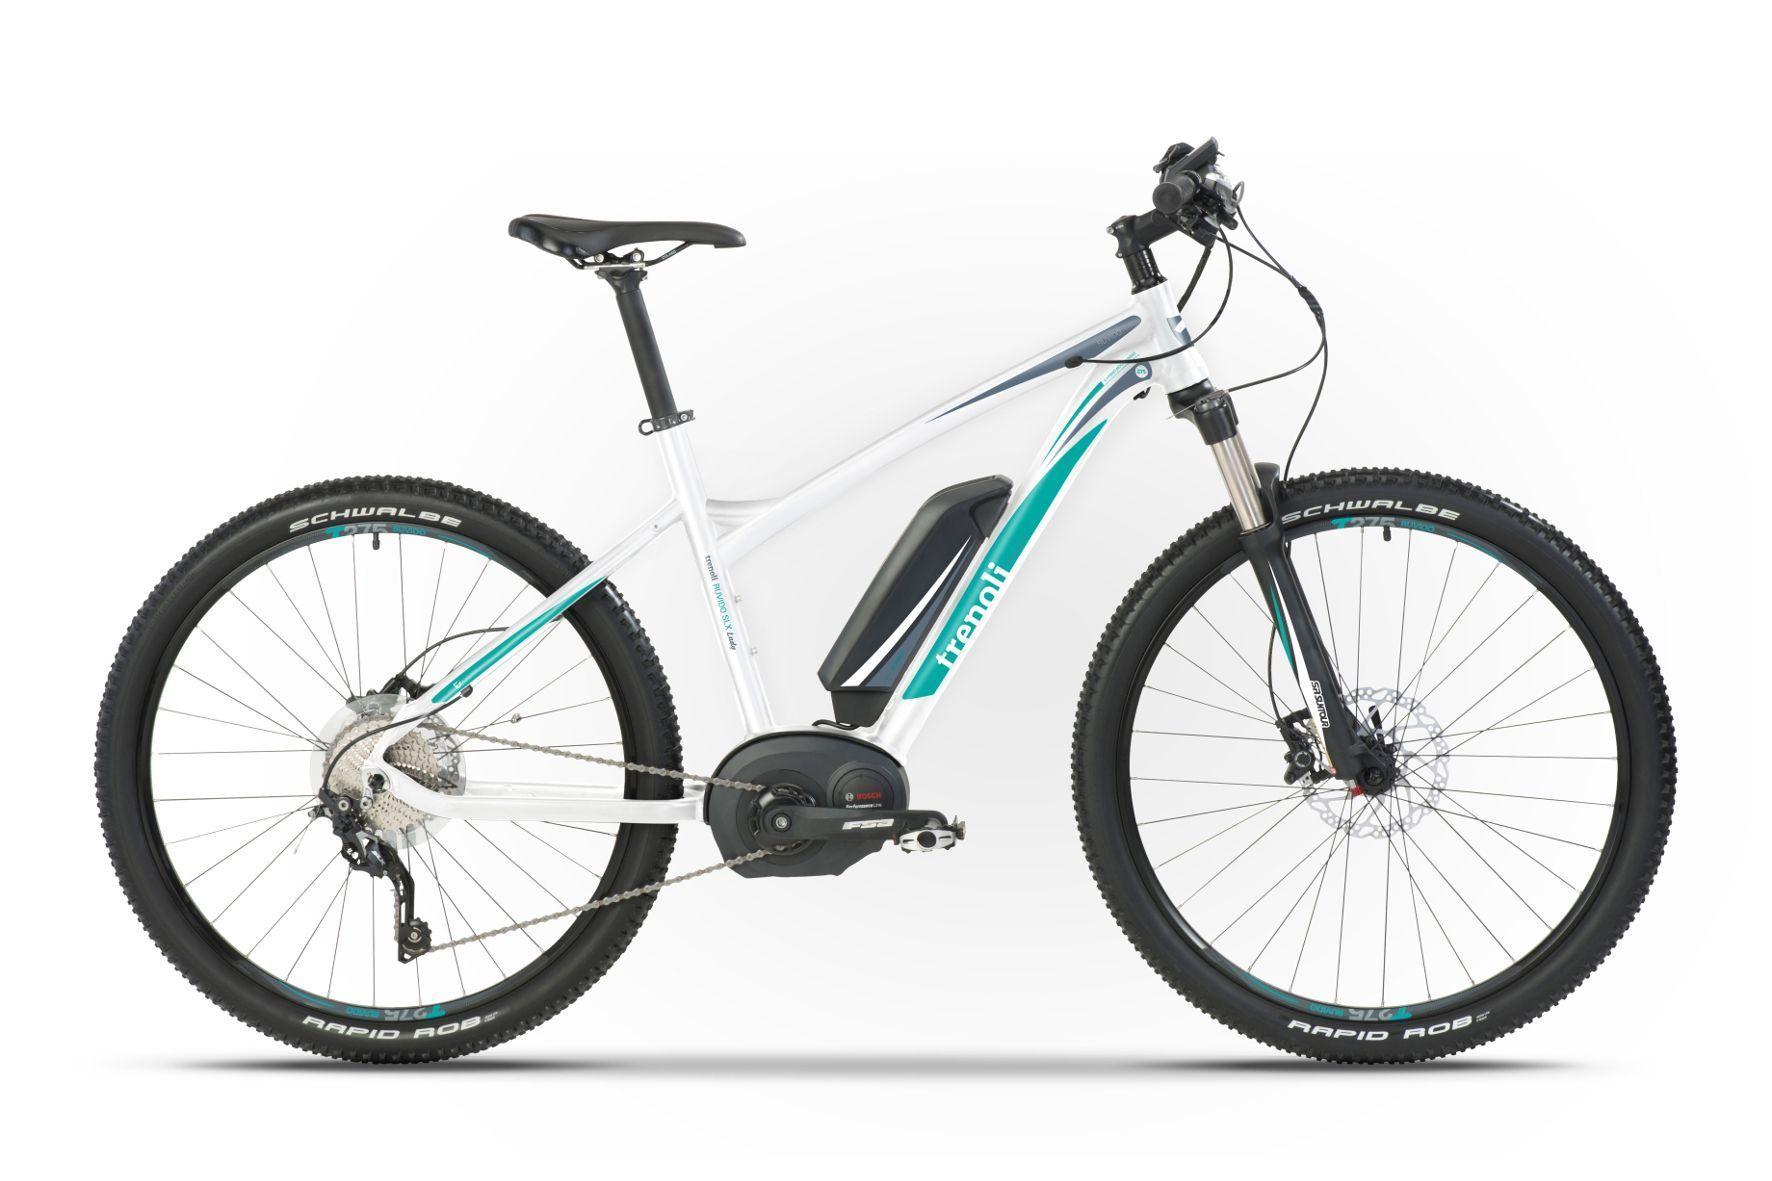 mid Groß-Gerau - E-Mountainbike speziell für Frauen: Das Trenoli Ruvido SLX Lady ist matt weiß und türkis lackiert und nutzt einen kräftigen Bosch-Antrieb.